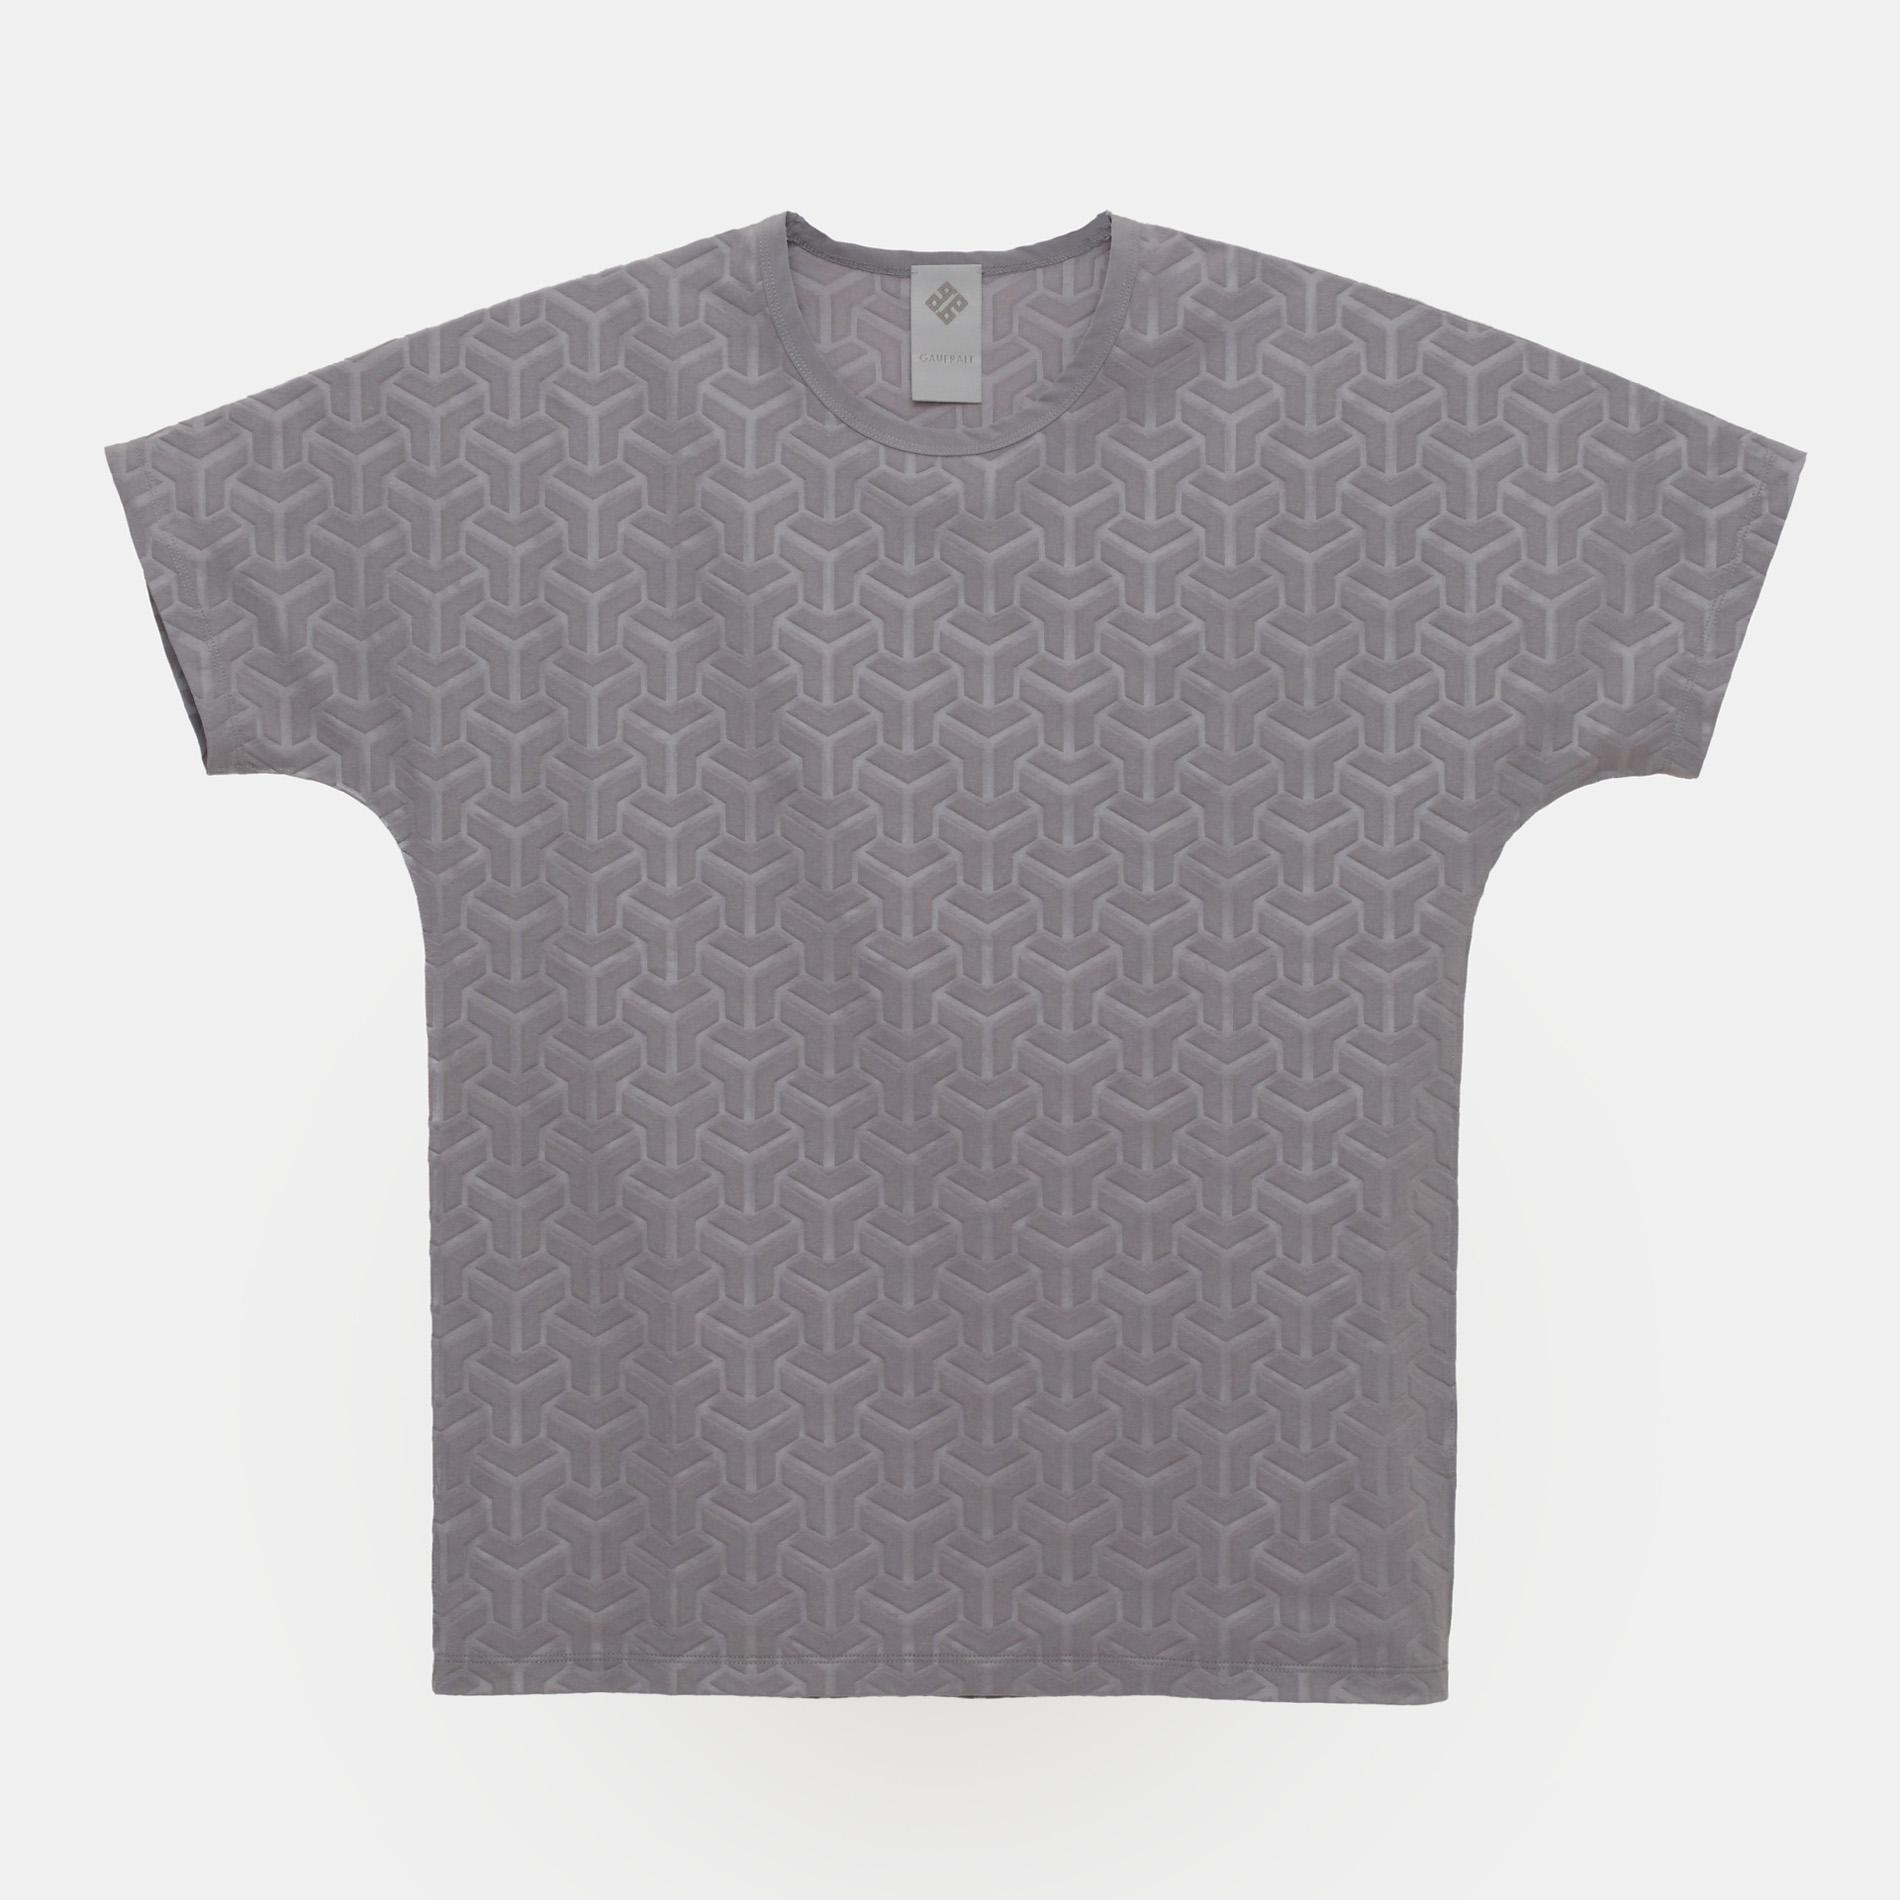 GF53 grey / cube